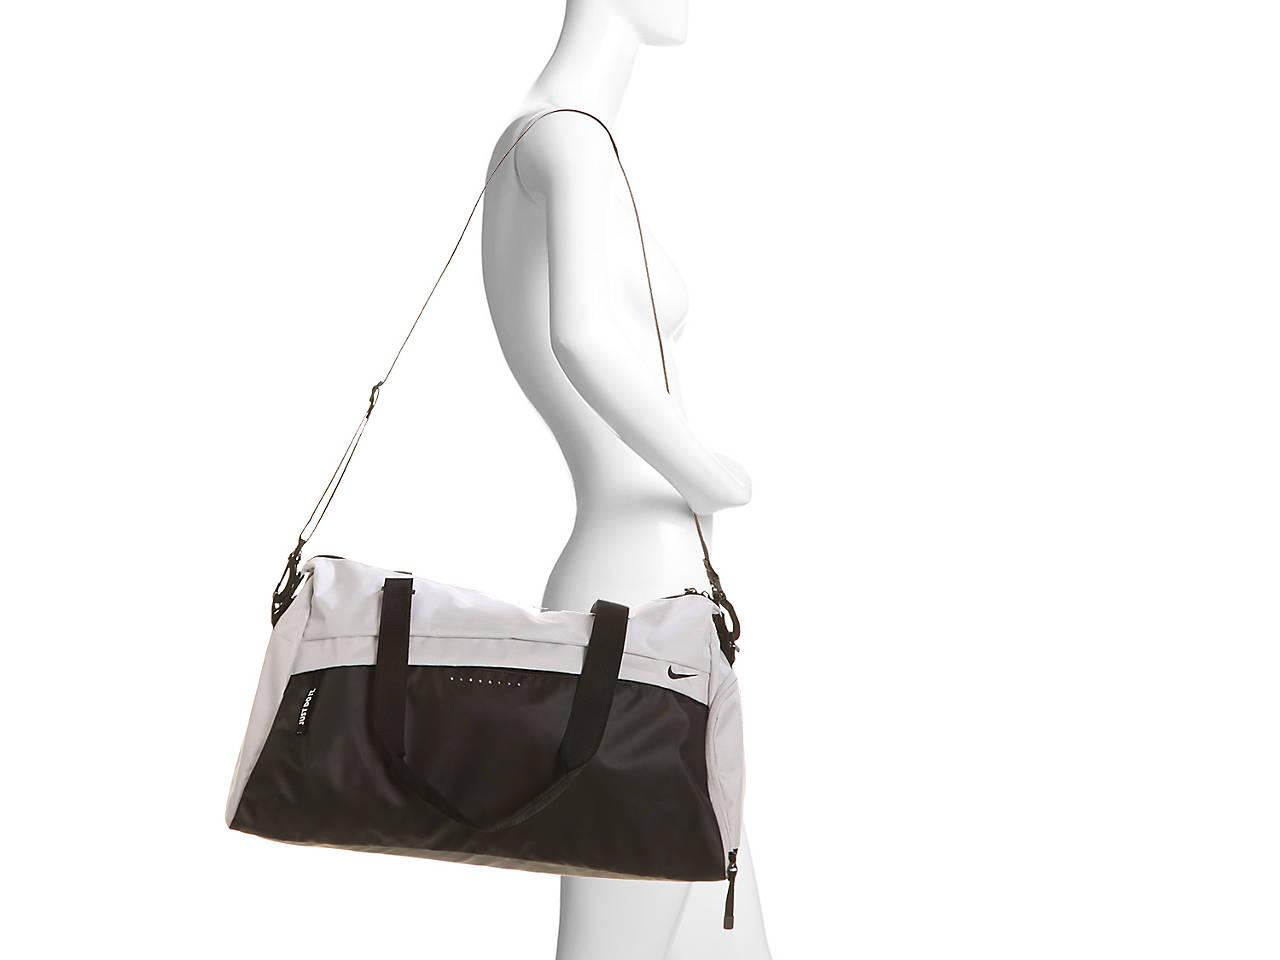 6bf21c13ab75 Nike Radiate Club Gym Bag Women s Handbags   Accessories